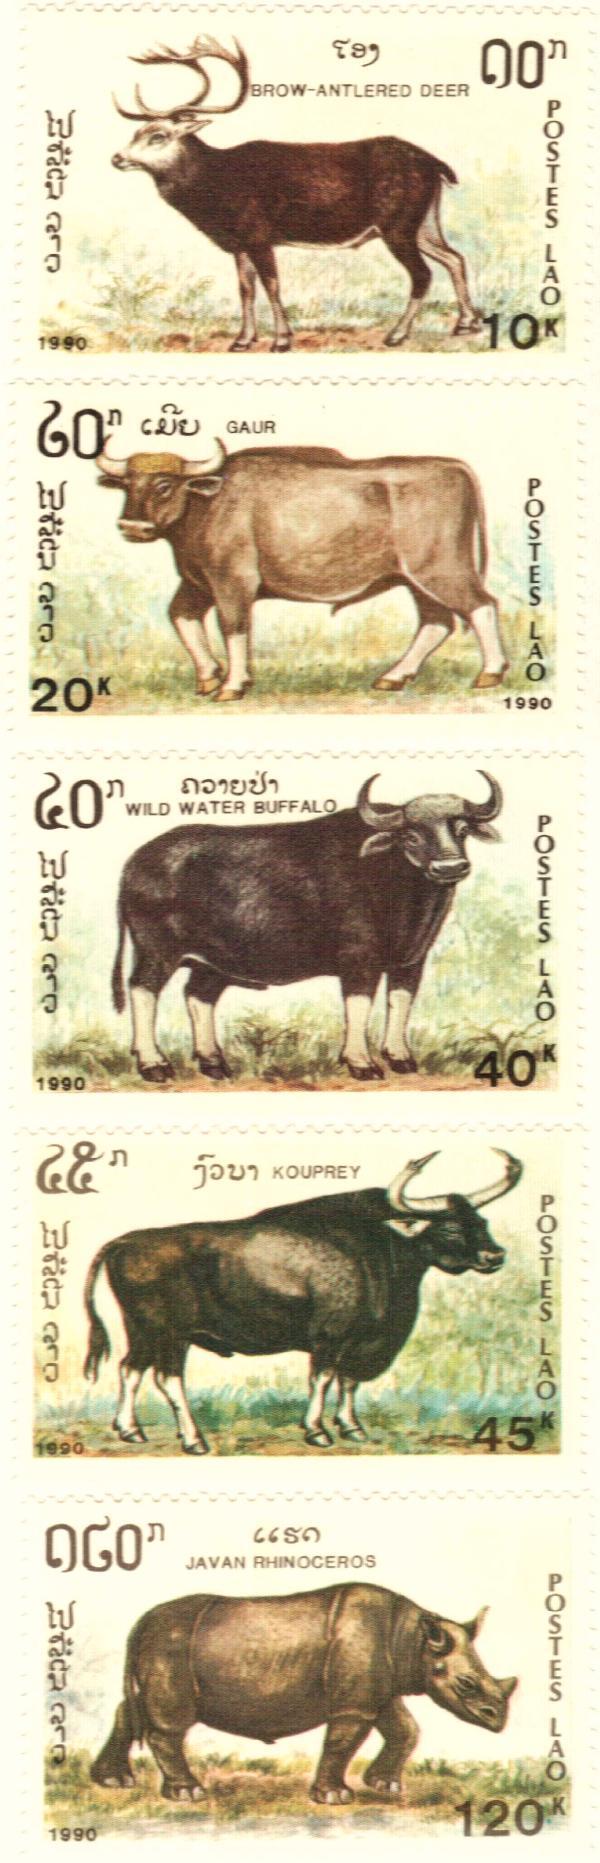 1990 Laos